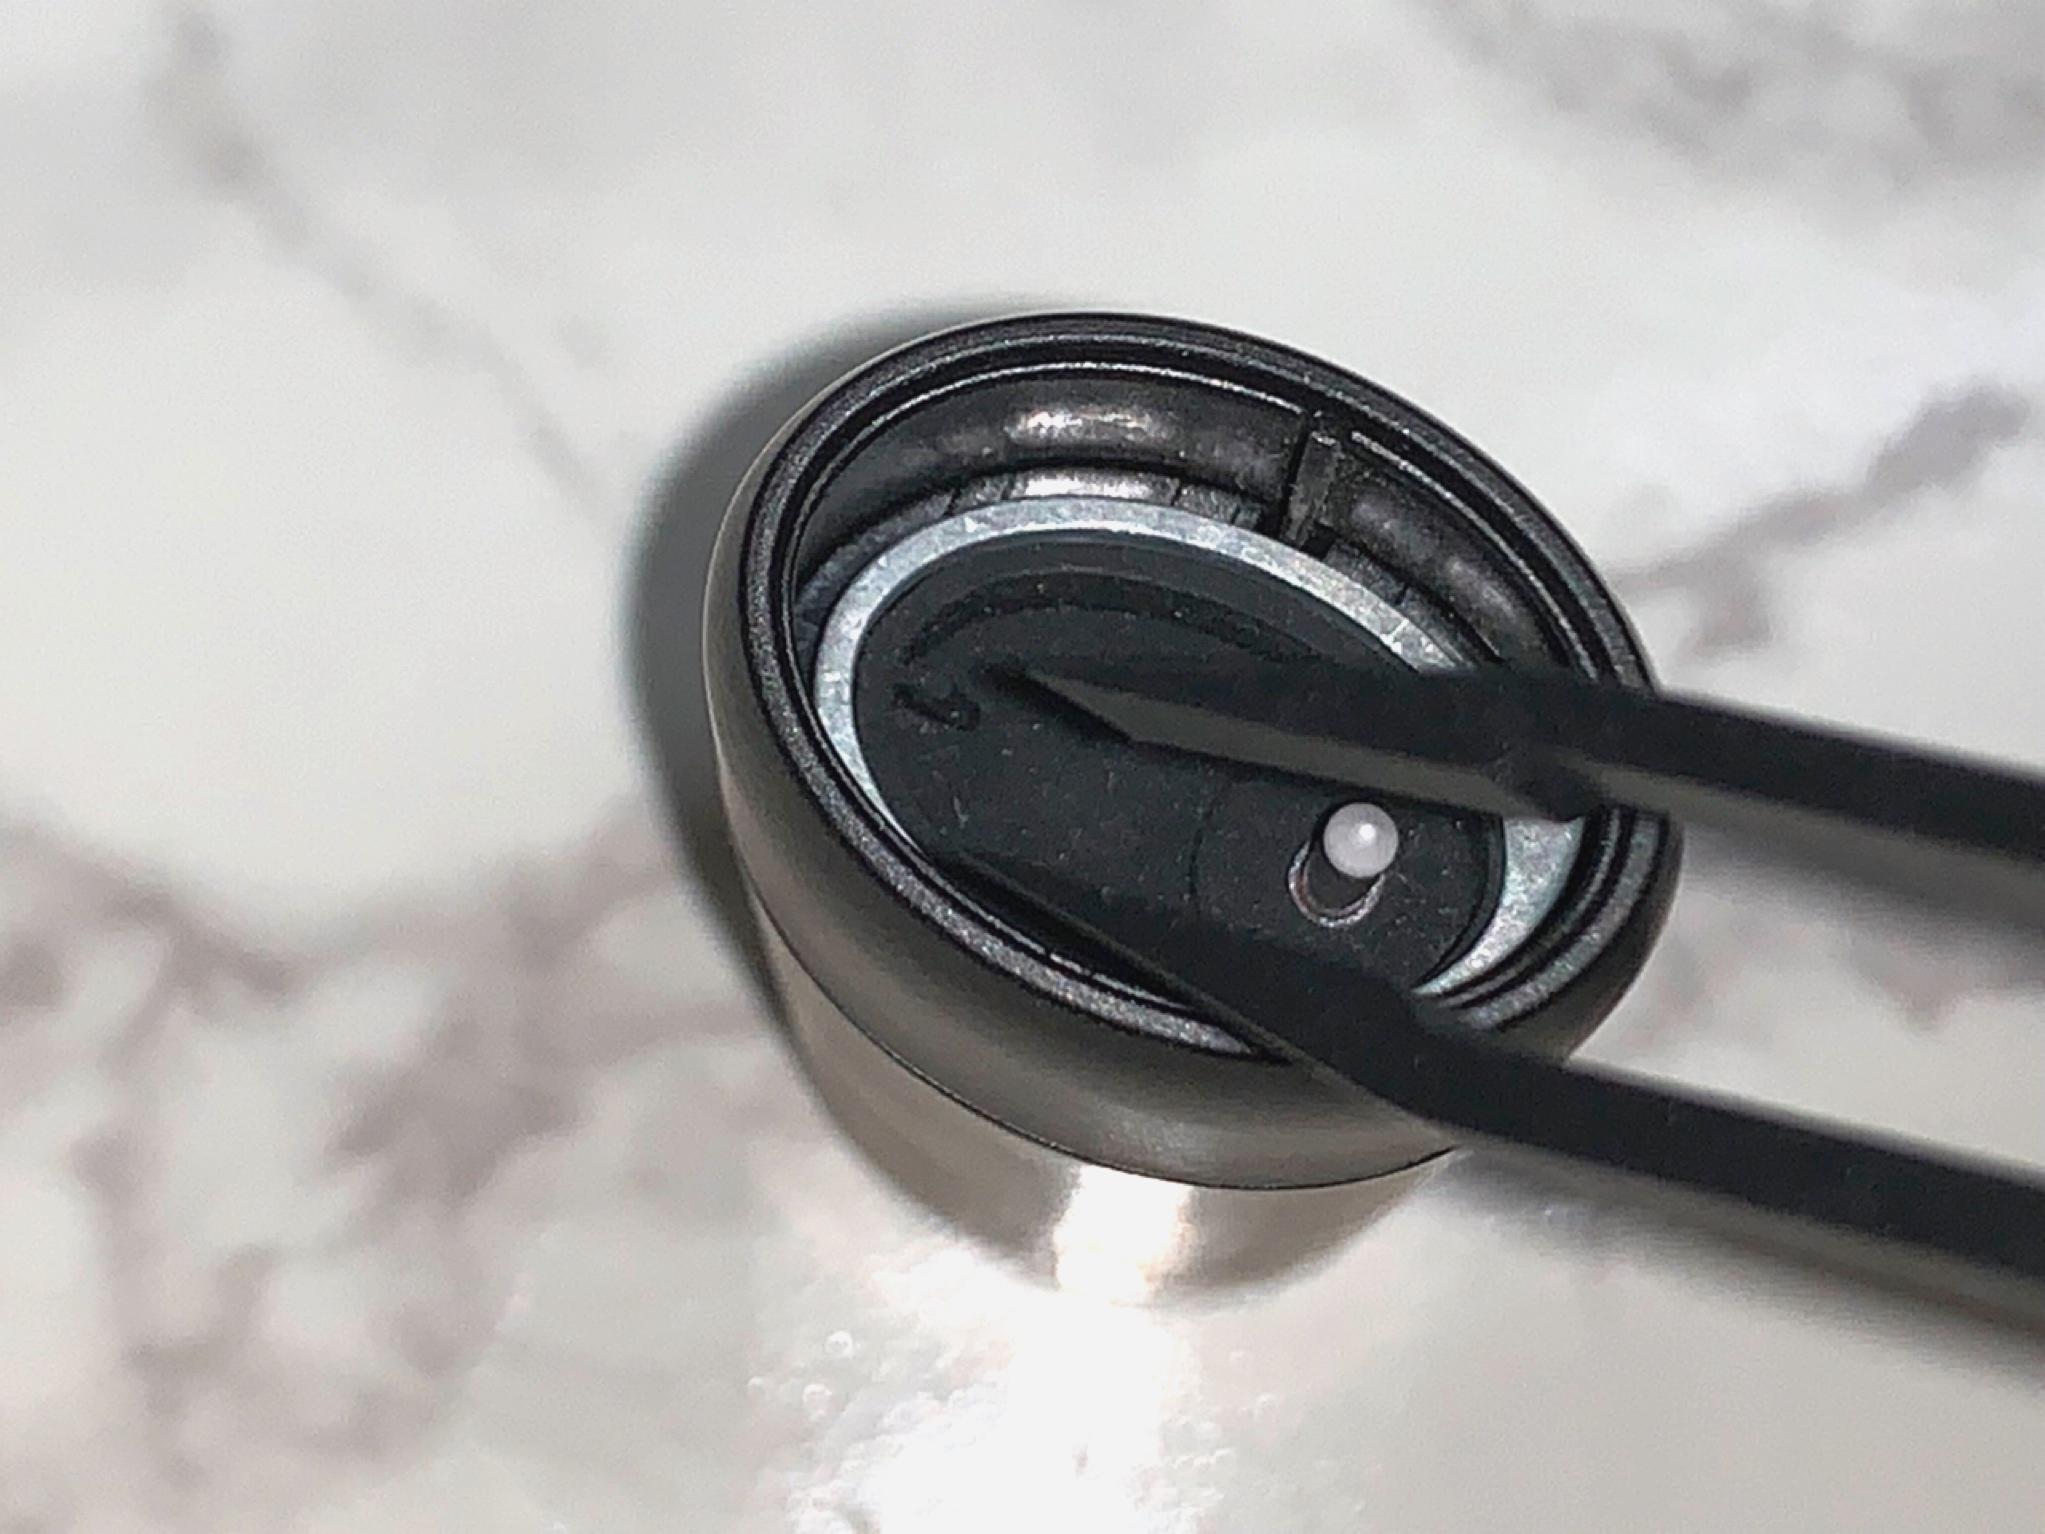 A2FA436F BE17 4B5A A6B3 70817B14840C - 【レビュー】IQOS互換機 TFWIH EAC01ヴェポライザーレビュー!2019年新作、3000mah大容量バッテリーで連続30本吸引。世界初の漏れ防止設計 ハイエンド&清掃カンタン!